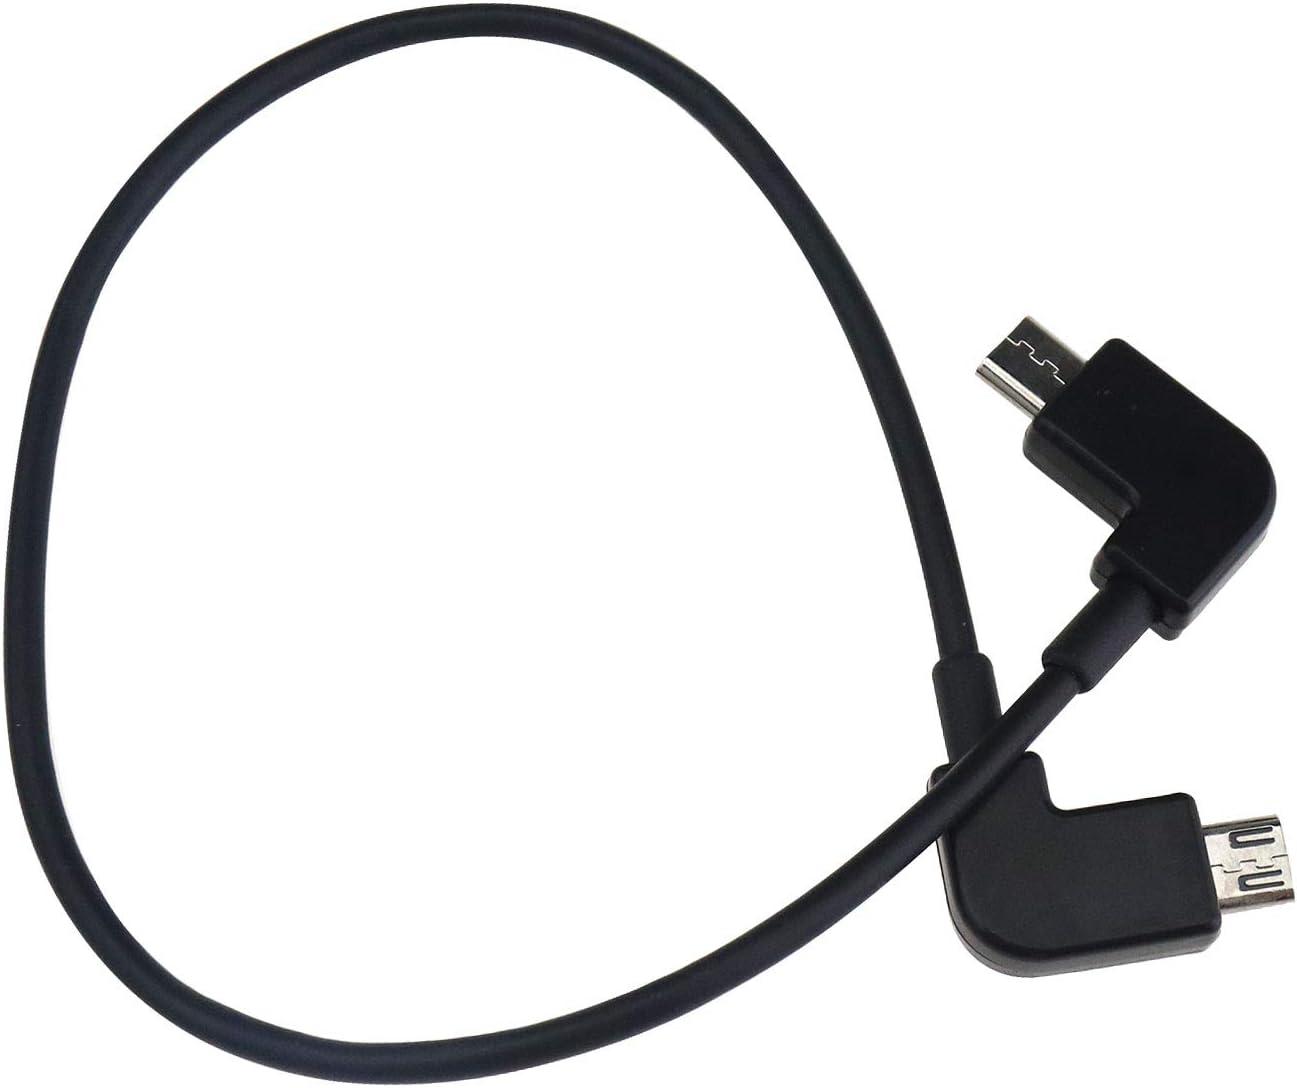 ENET 29,8 cm Fernbedienung USB auf Android Schwarz kompatibel mit DJI Spark Mavic Pro Air